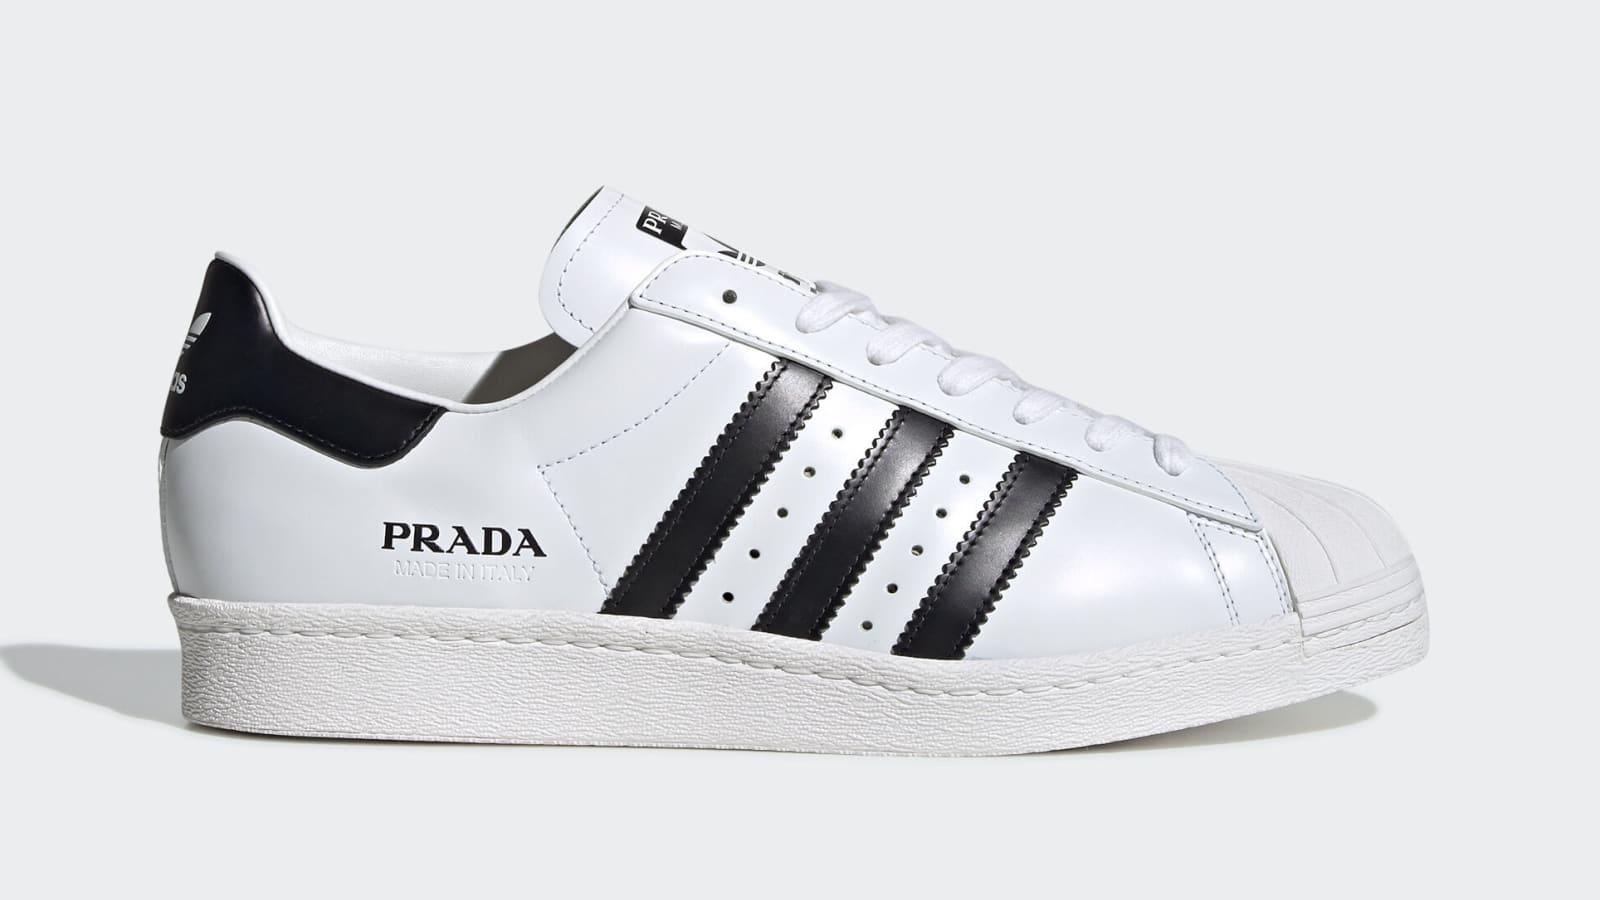 adidas prada release